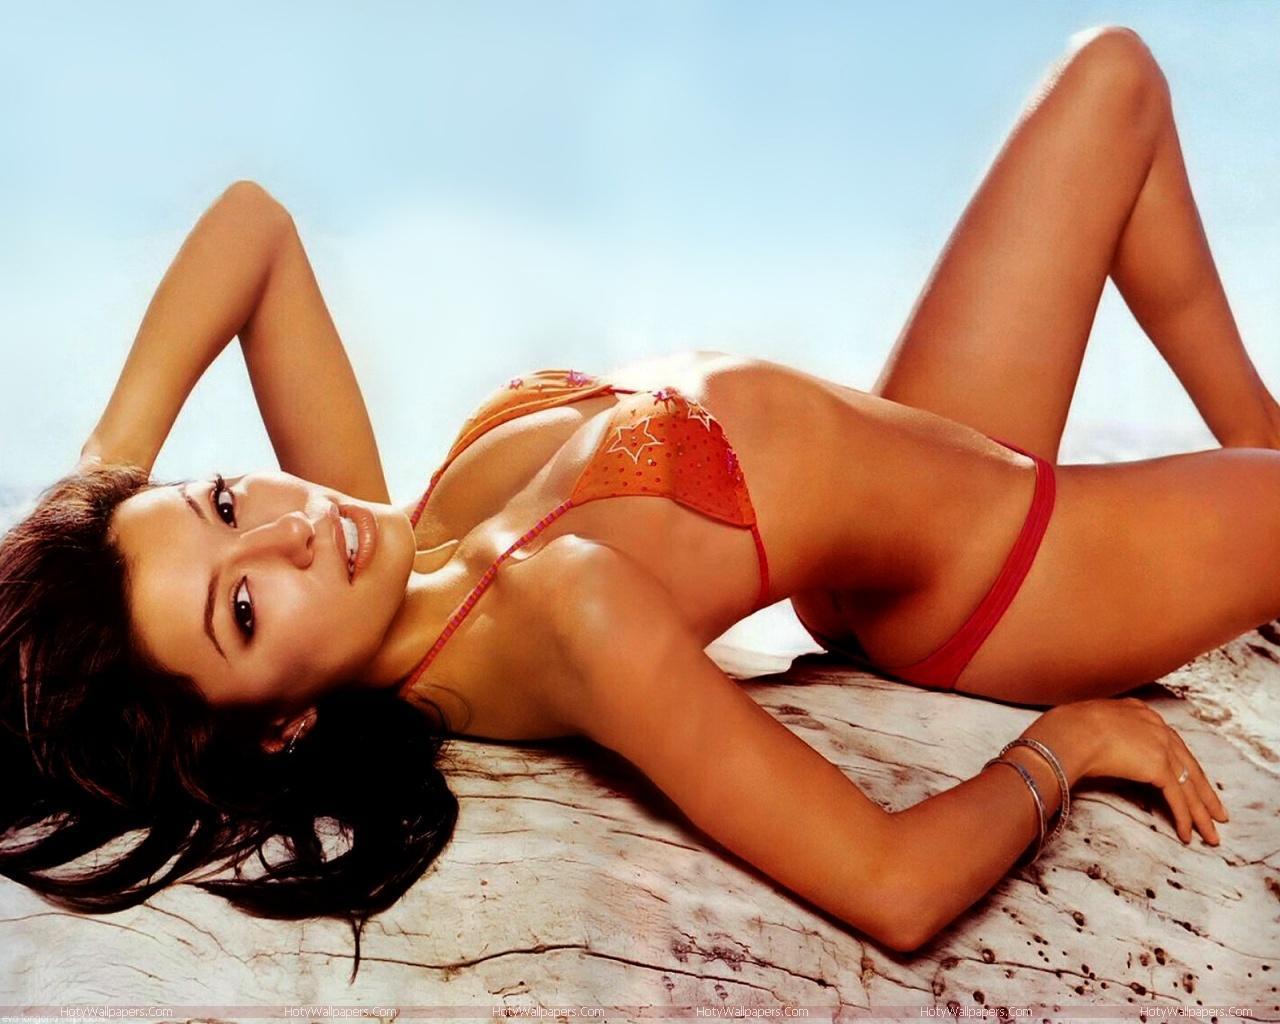 http://4.bp.blogspot.com/-6a_9eg4eI4s/Tlit_ELtUXI/AAAAAAAAJ5g/biqJdqSqDuA/s1600/hollywood_actress-Eva-Longoria-bikini-wallpaper.jpg